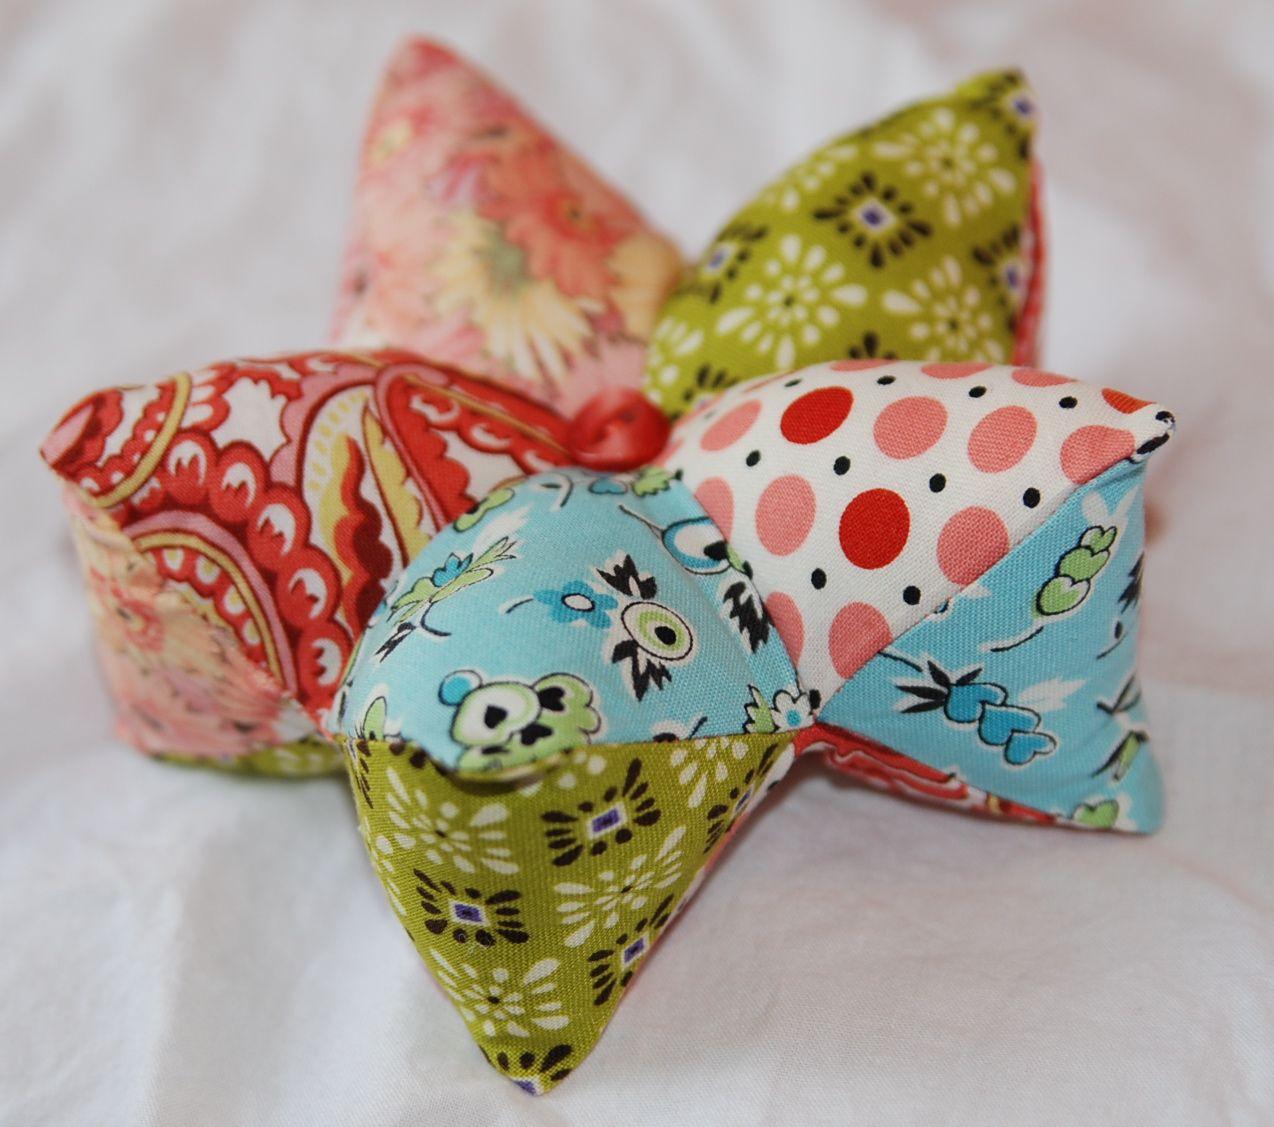 3d star pillow pattern  Craft Ideas  Pinterest  3d star Patterns and Sewing ideas